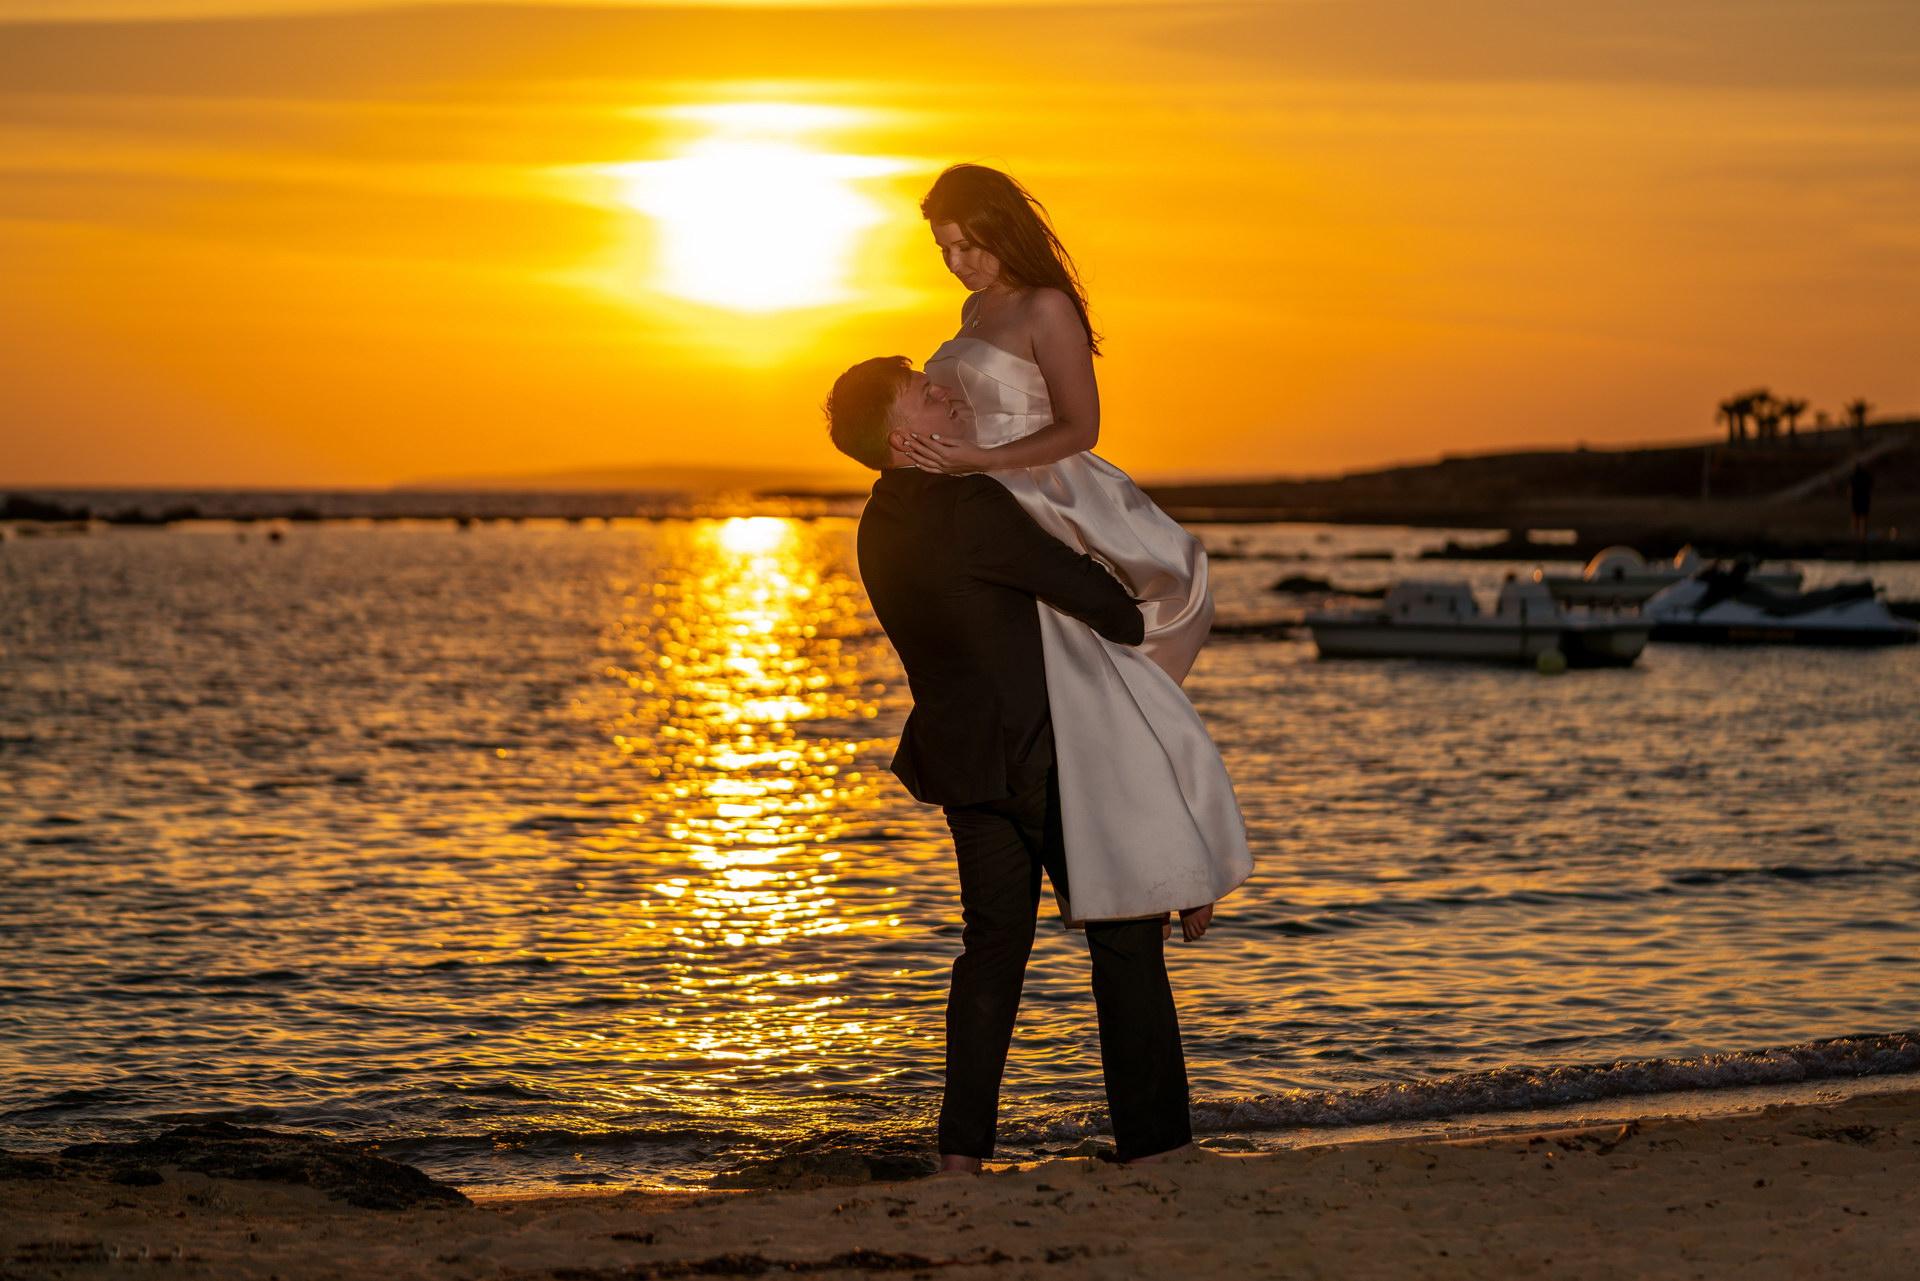 PIC03846_happyimagescyprus.com